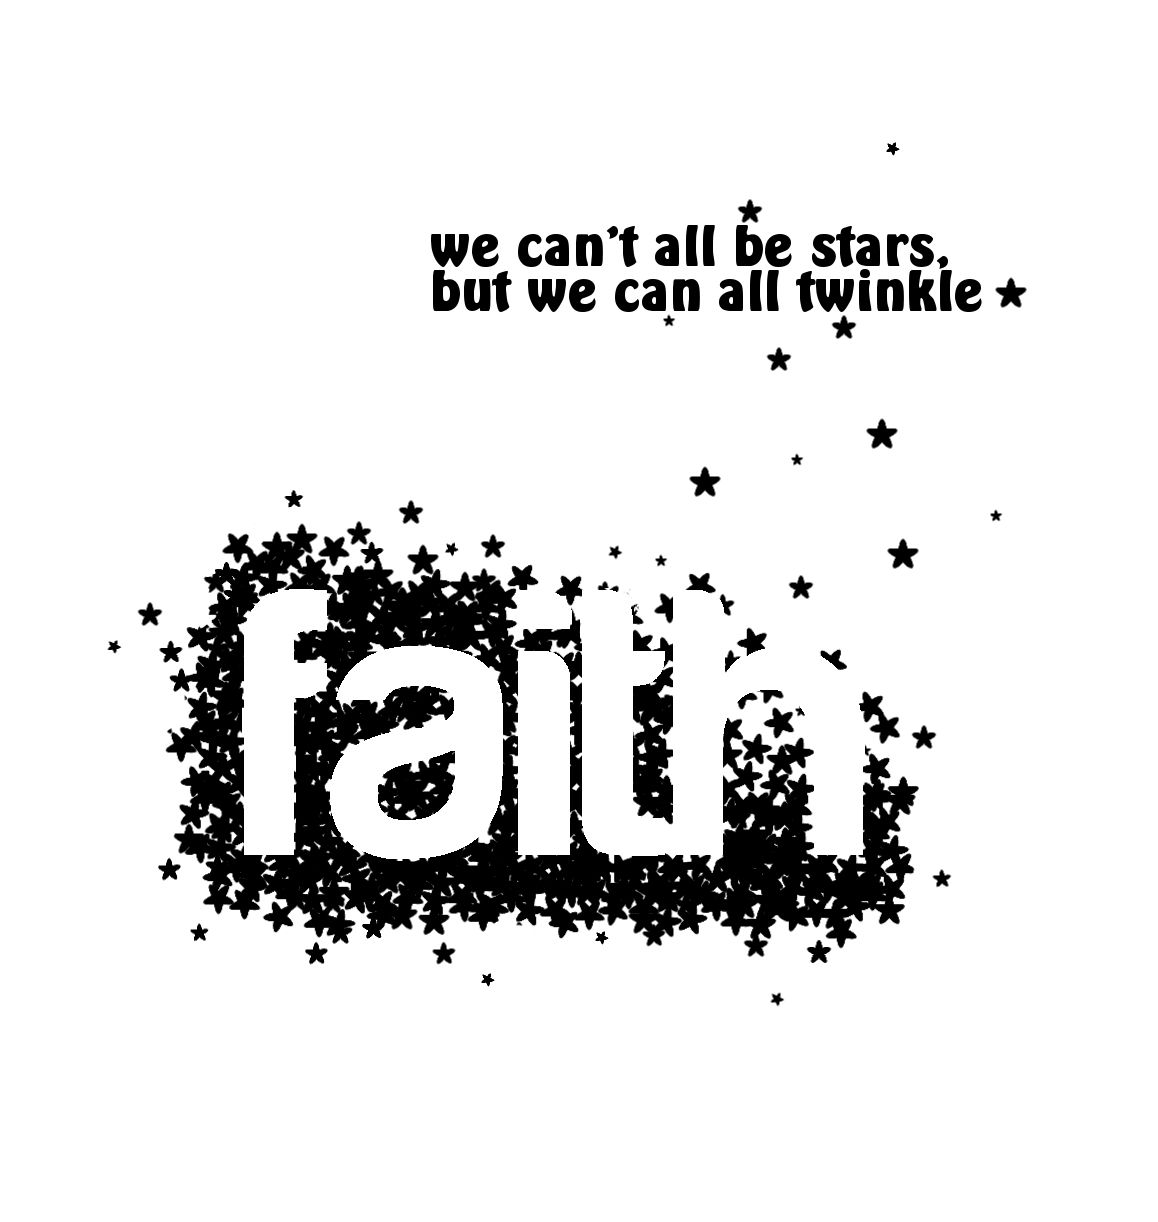 faith+2.jpg (1158×1222)